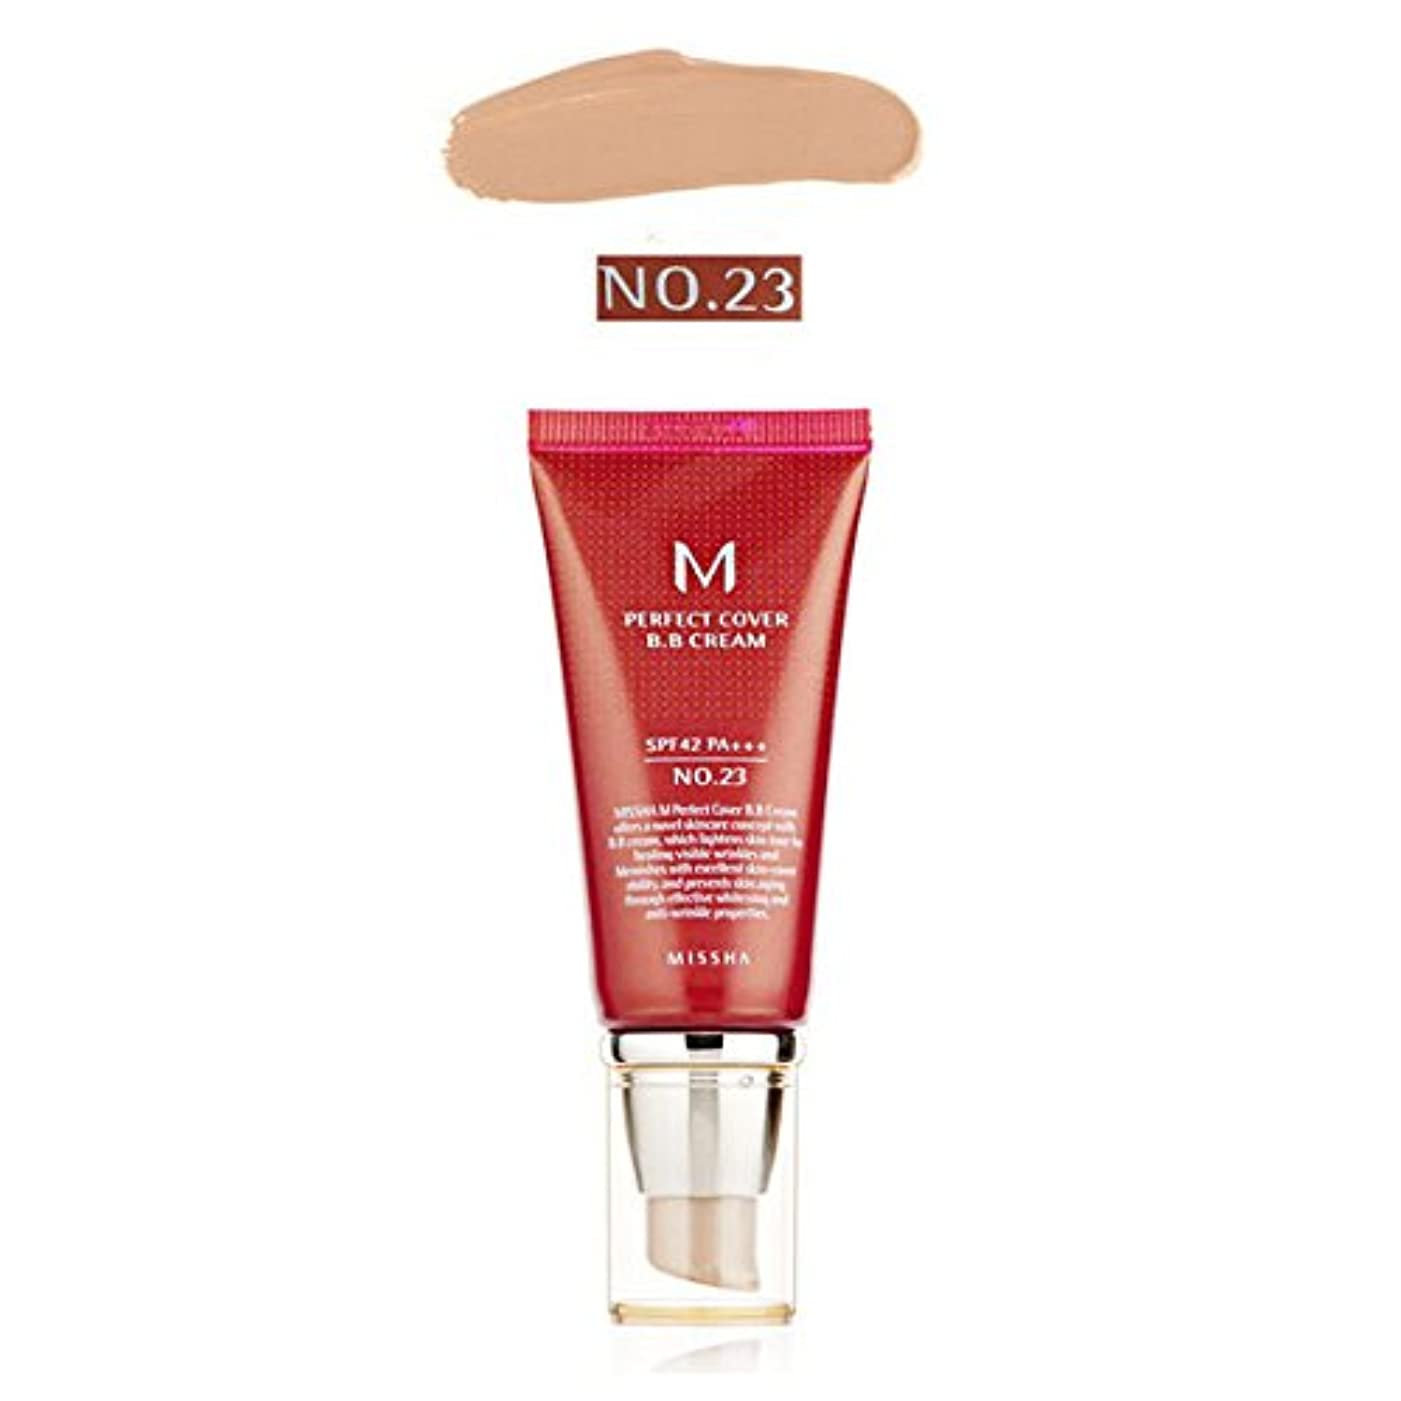 タックル納税者線形[ミシャ] MISSHA [M パーフェクト カバー BBクリーム 21号 / 23号50ml] (M Perfect Cover BB cream 21号 / 23号 50ml) SPF42 PA+++ (Type2...